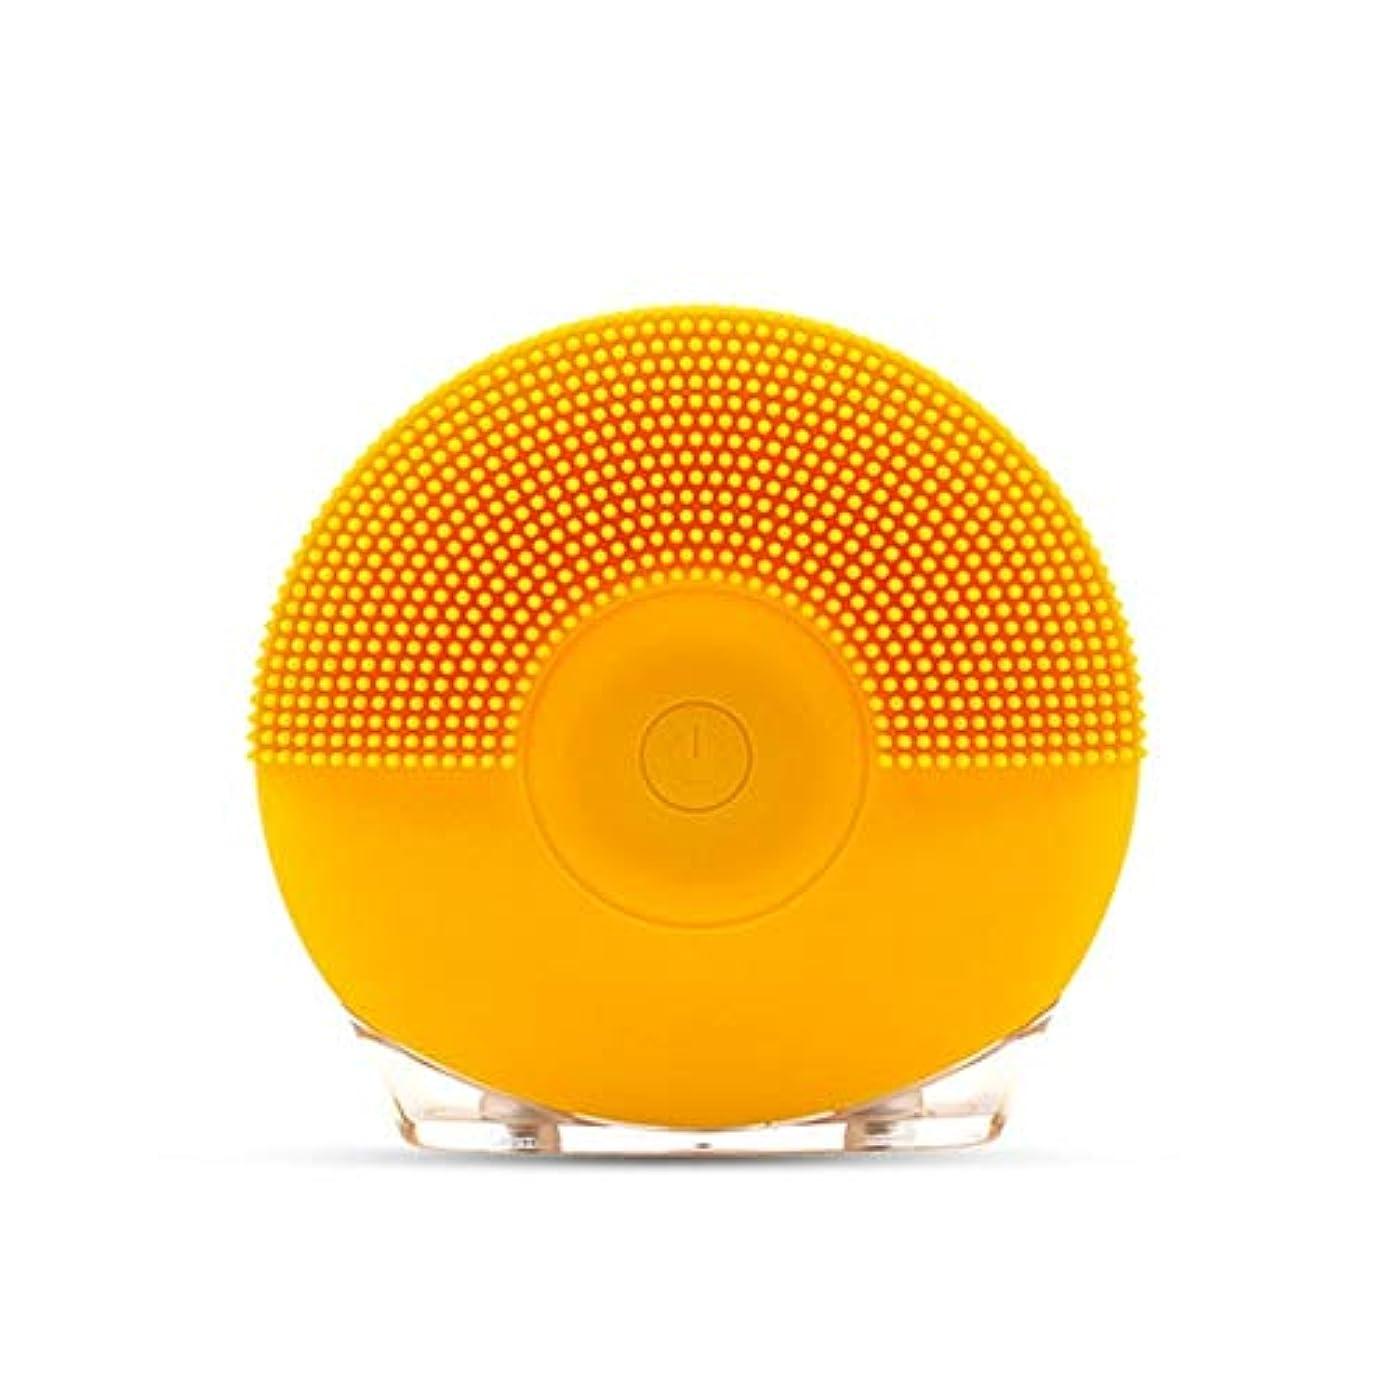 貧困記念日液体ソニックバイブレーションフェイシャルクレンジングブラシ、シリコンUsbフェイシャルクレンジングブラシ (Color : Yellow)